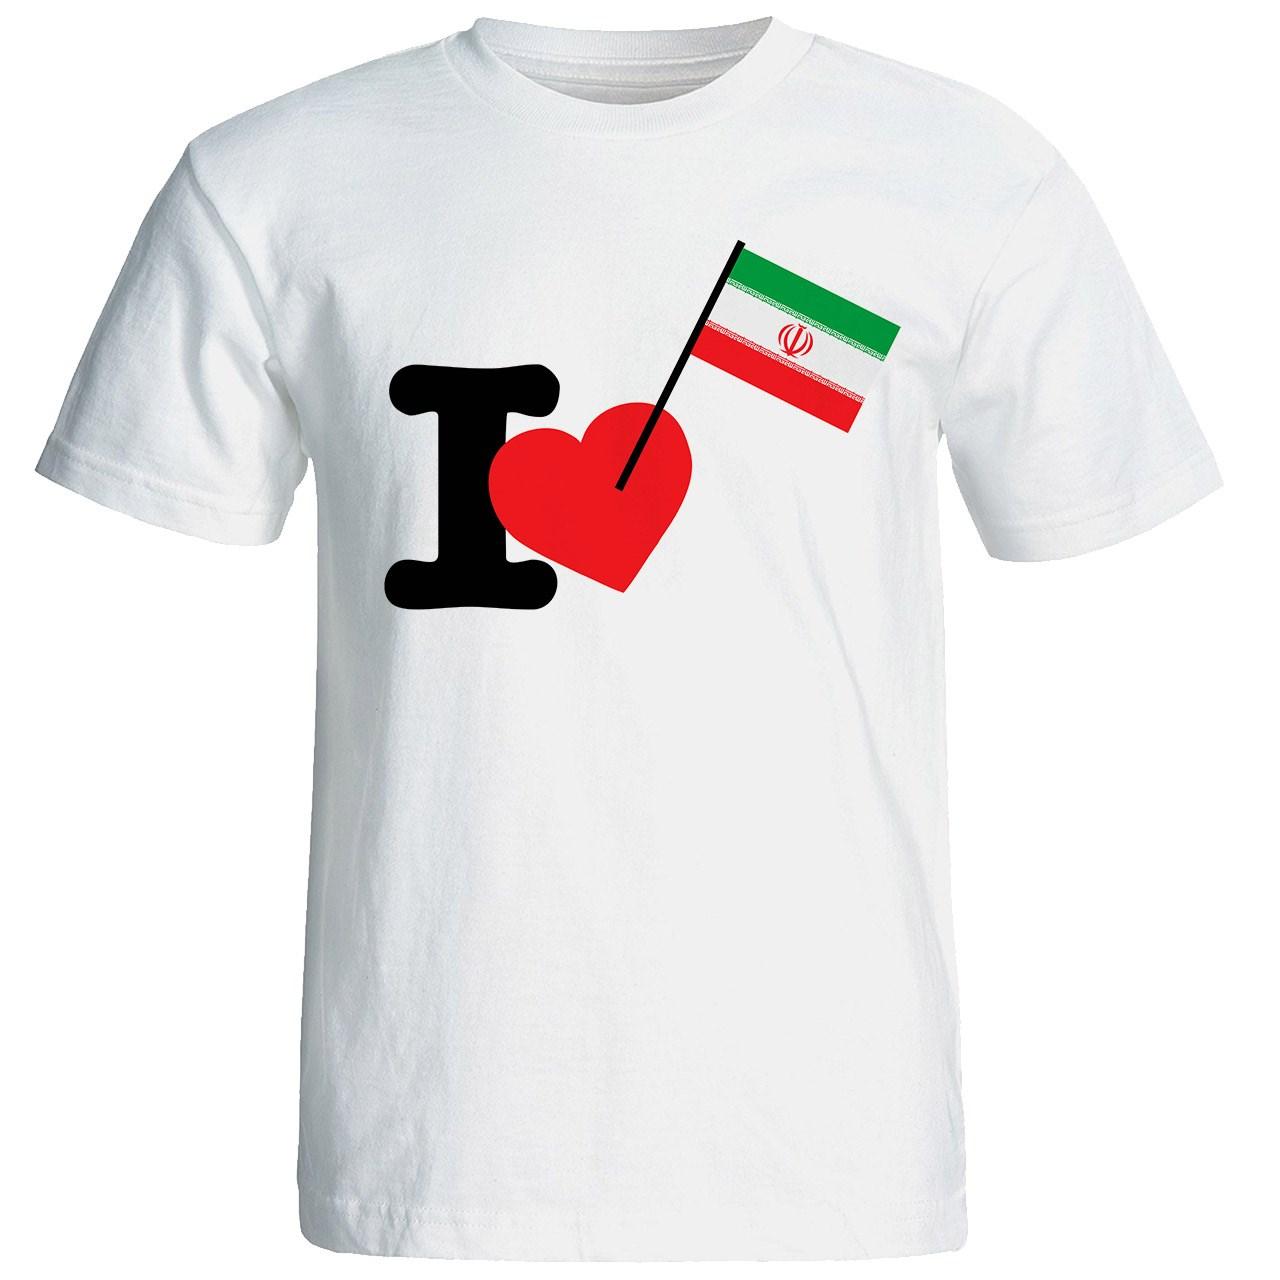 خرید تی شرت آستین کوتاه زنانه شین دیزاین طرح ای لاو ایران ایران  جام جهانی کد 4579